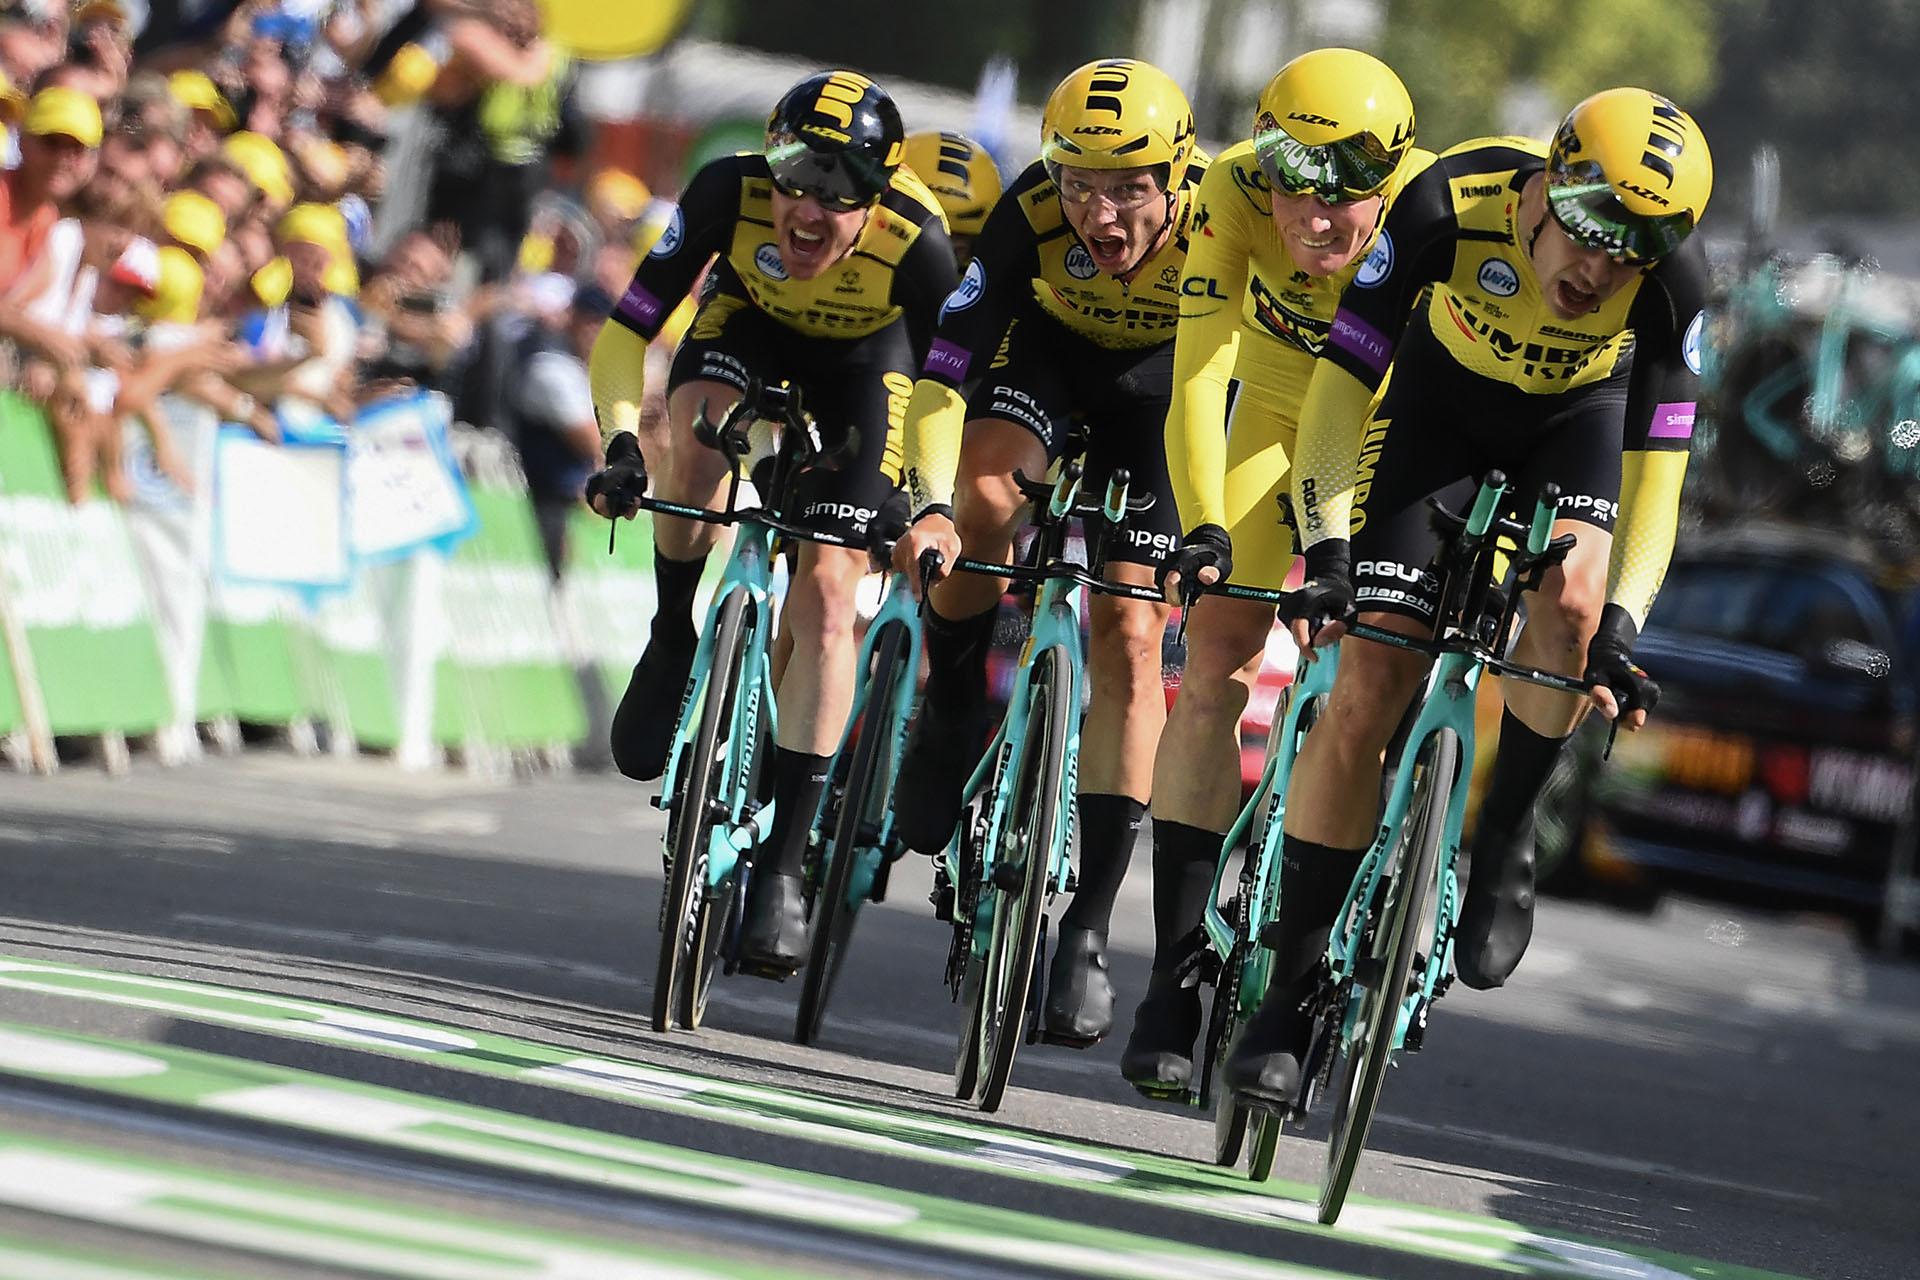 El equipo Jumbo del holandés Mike Teunissen, maillot amarillo el sábado tras la primera etapa del Tour de Francia, ganó la segunda, una contrarreloj por equipos de 27,6 kilómetros, este domingo en Bruselas